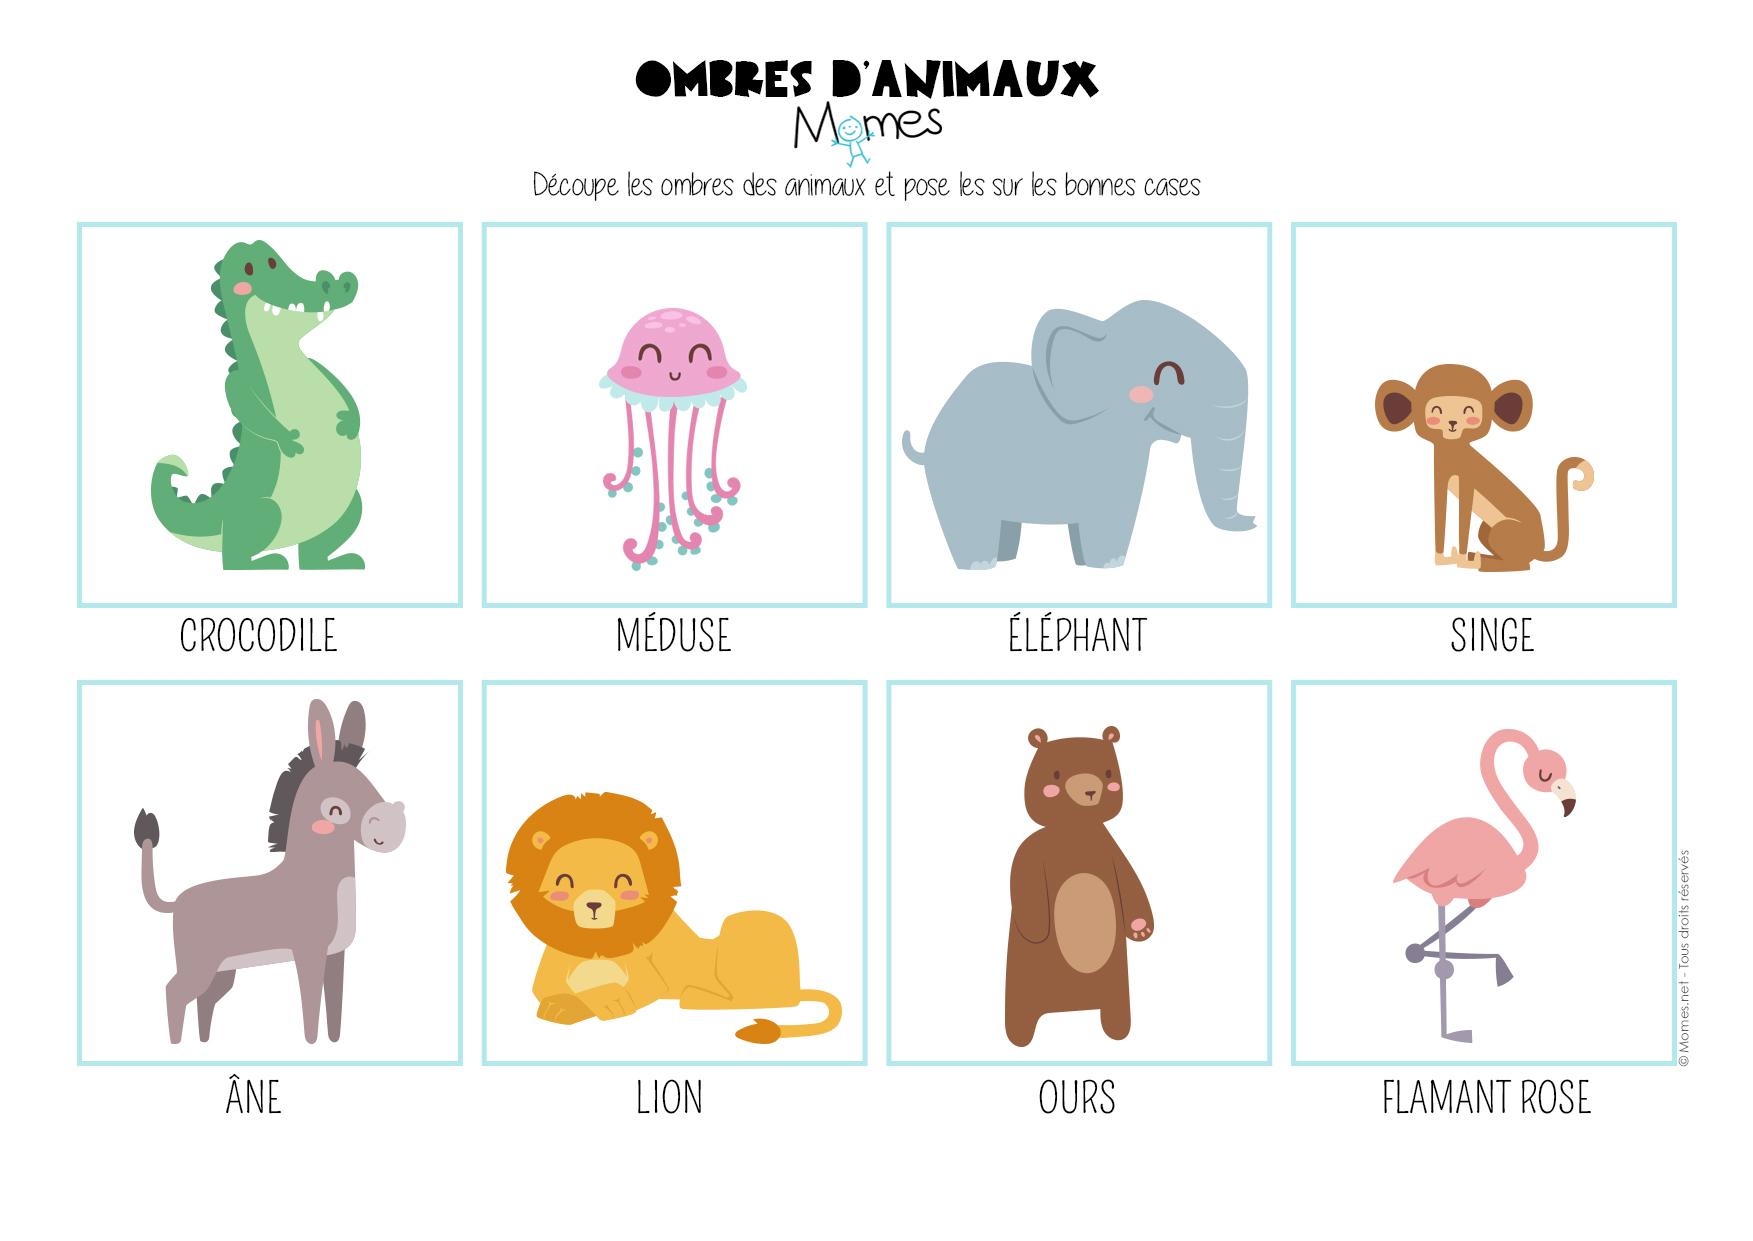 Le Jeu Des Ombres D'animaux - Momes dedans Activité 3 Ans Imprimer